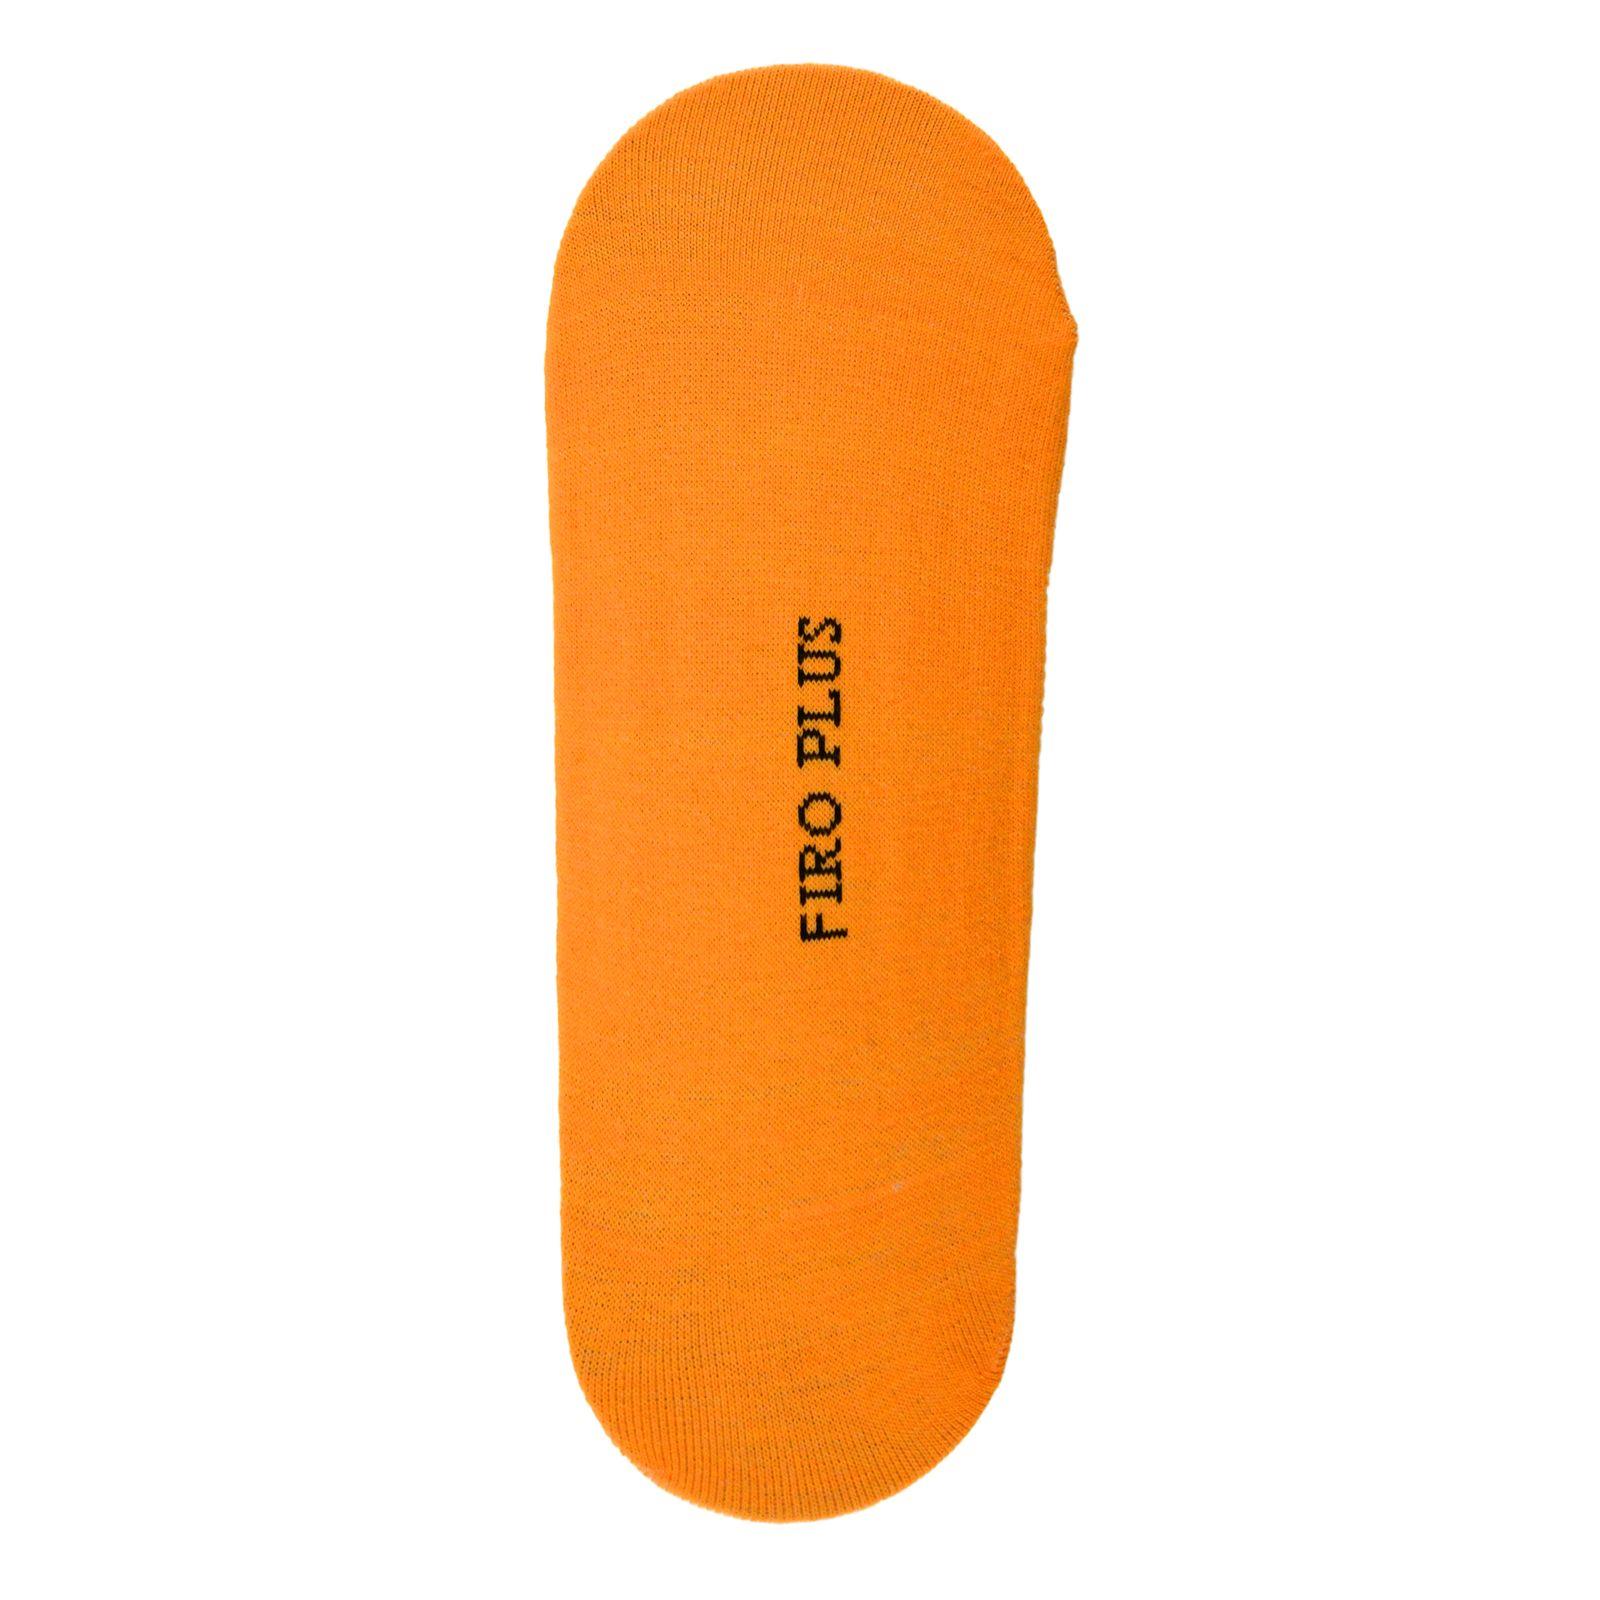 جوراب زنانه فیرو پلاس مدل KL300 مجموعه 3 عددی -  - 4